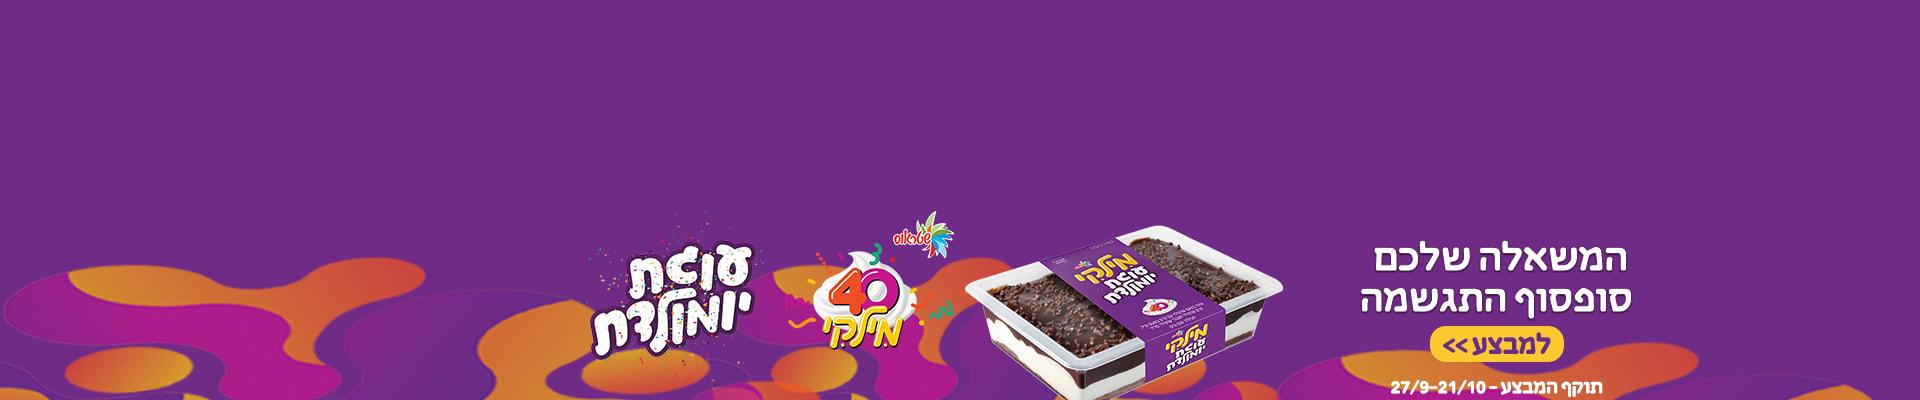 המשאלה שלכם סופסוף התגשמה: מילקי עוגת יומולדת. תוקף המבצע 27/9-21/10/19.